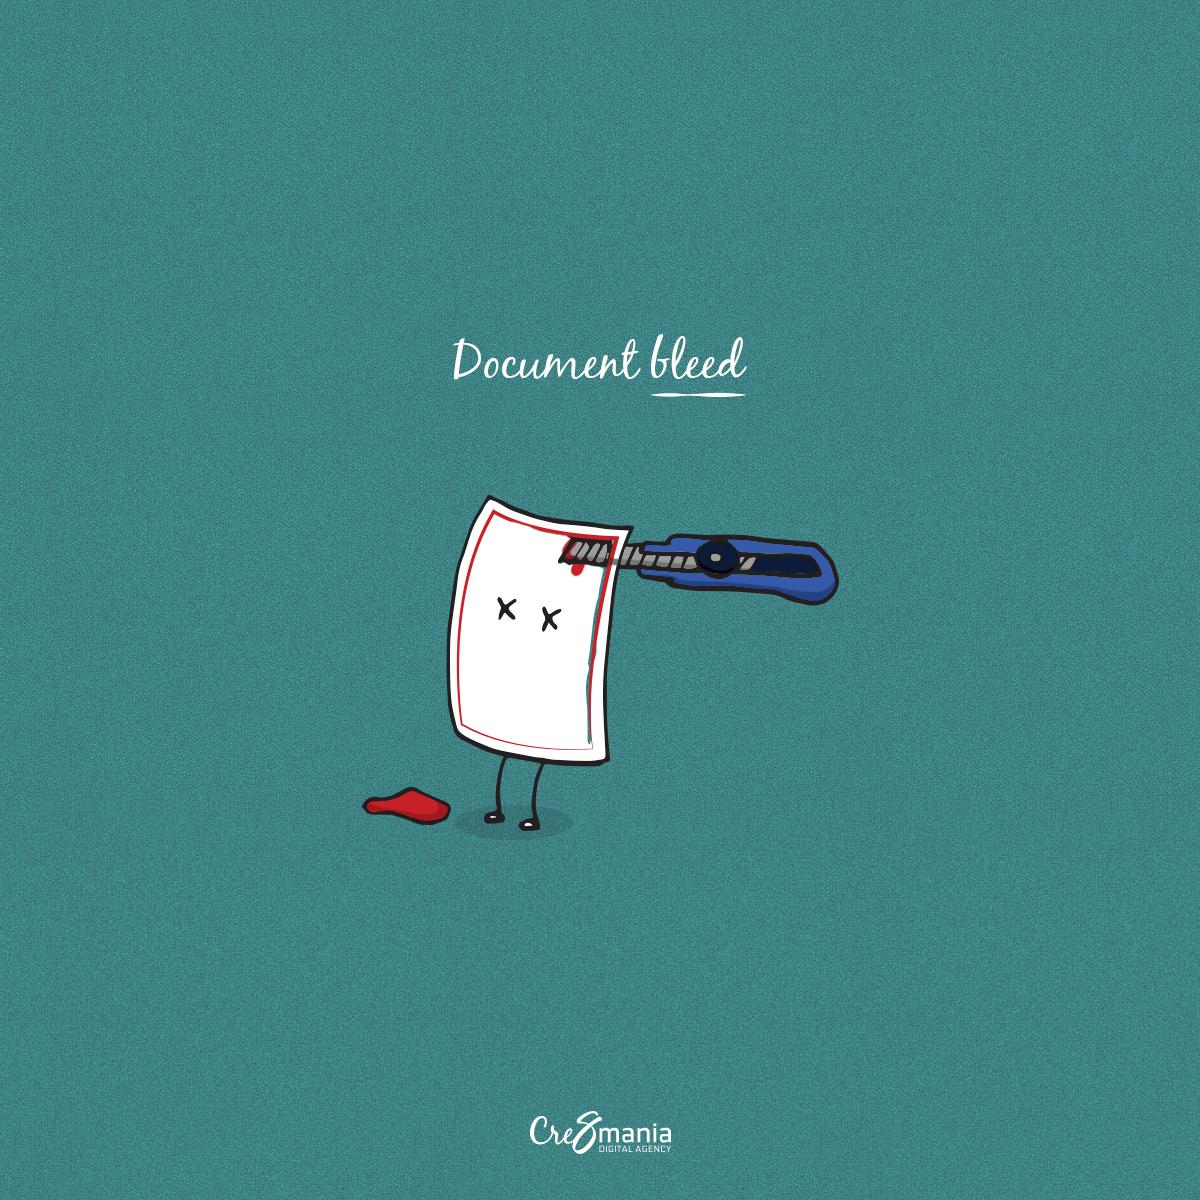 document-bleed